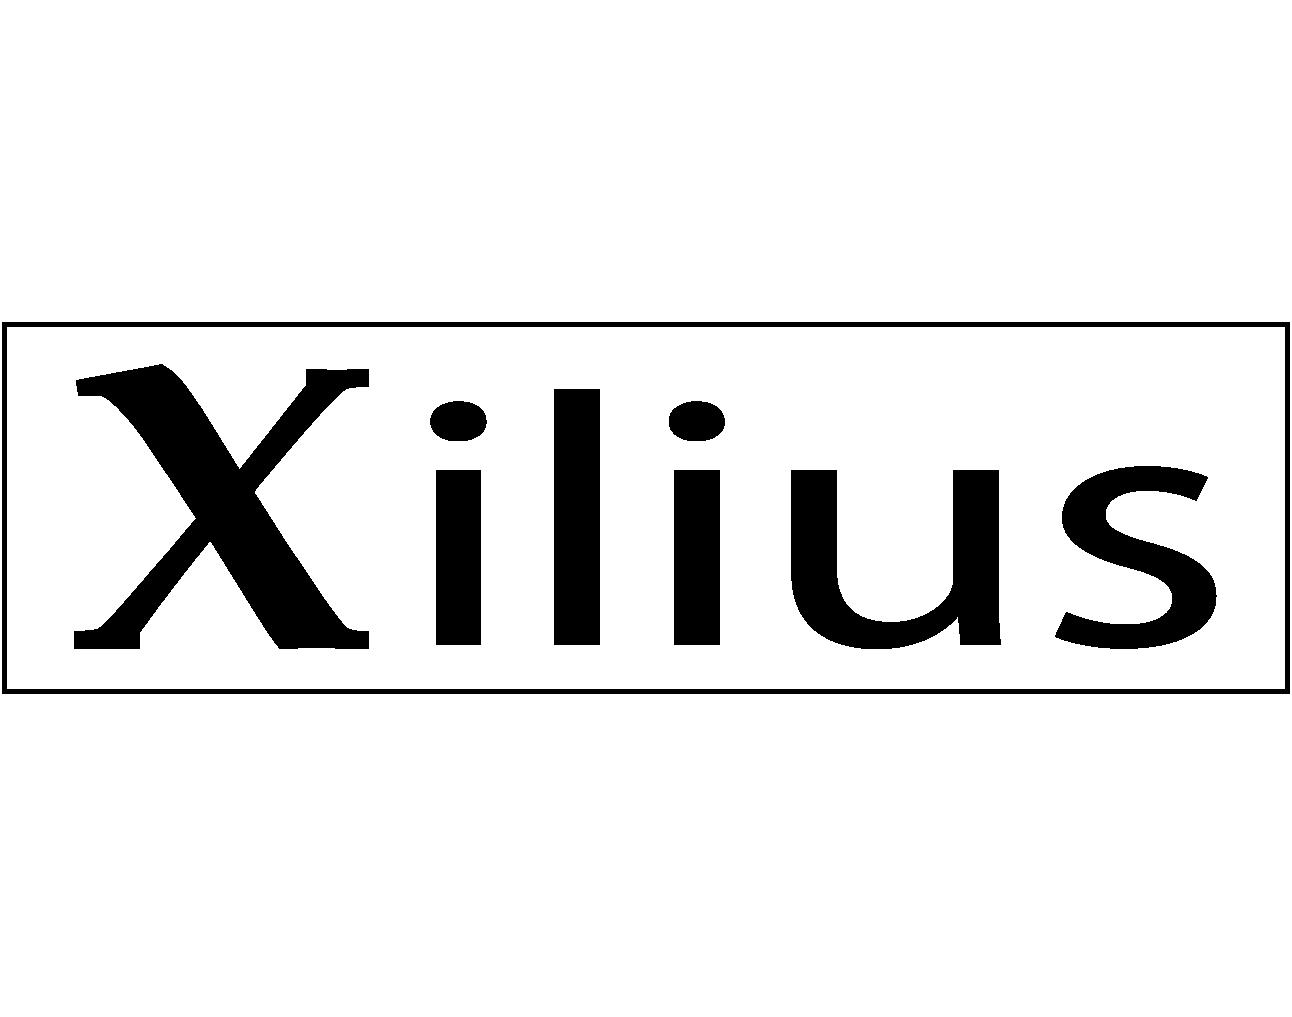 systemy telewizji dozorowej (std) Systemy telewizji dozorowej (STD) Xilius Logo 01 01